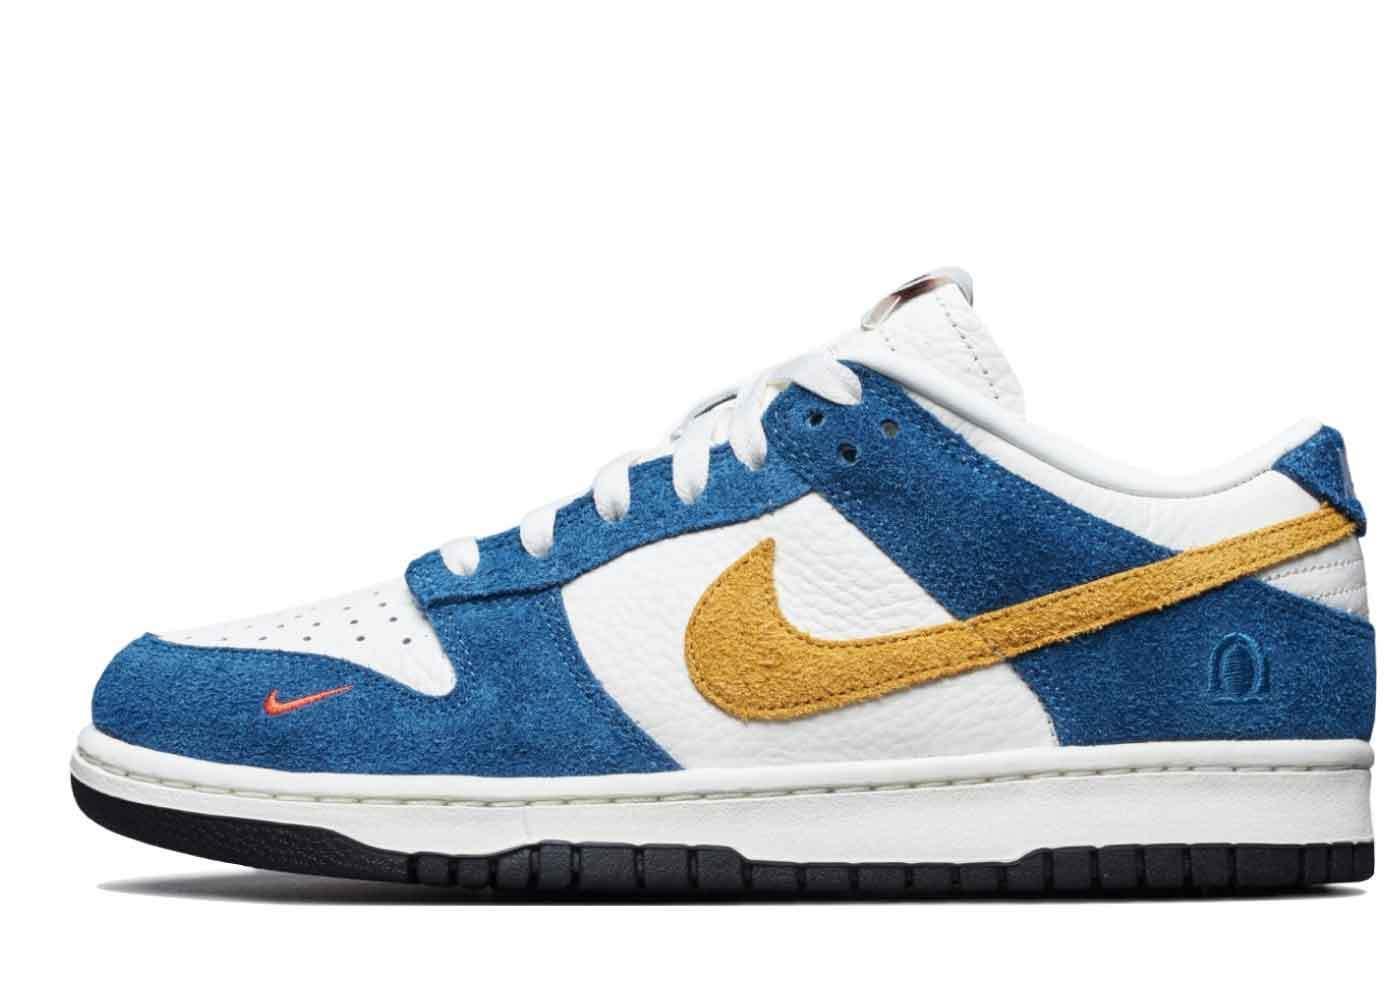 Kasina x Nike Dunk Low Industrial Blueの写真